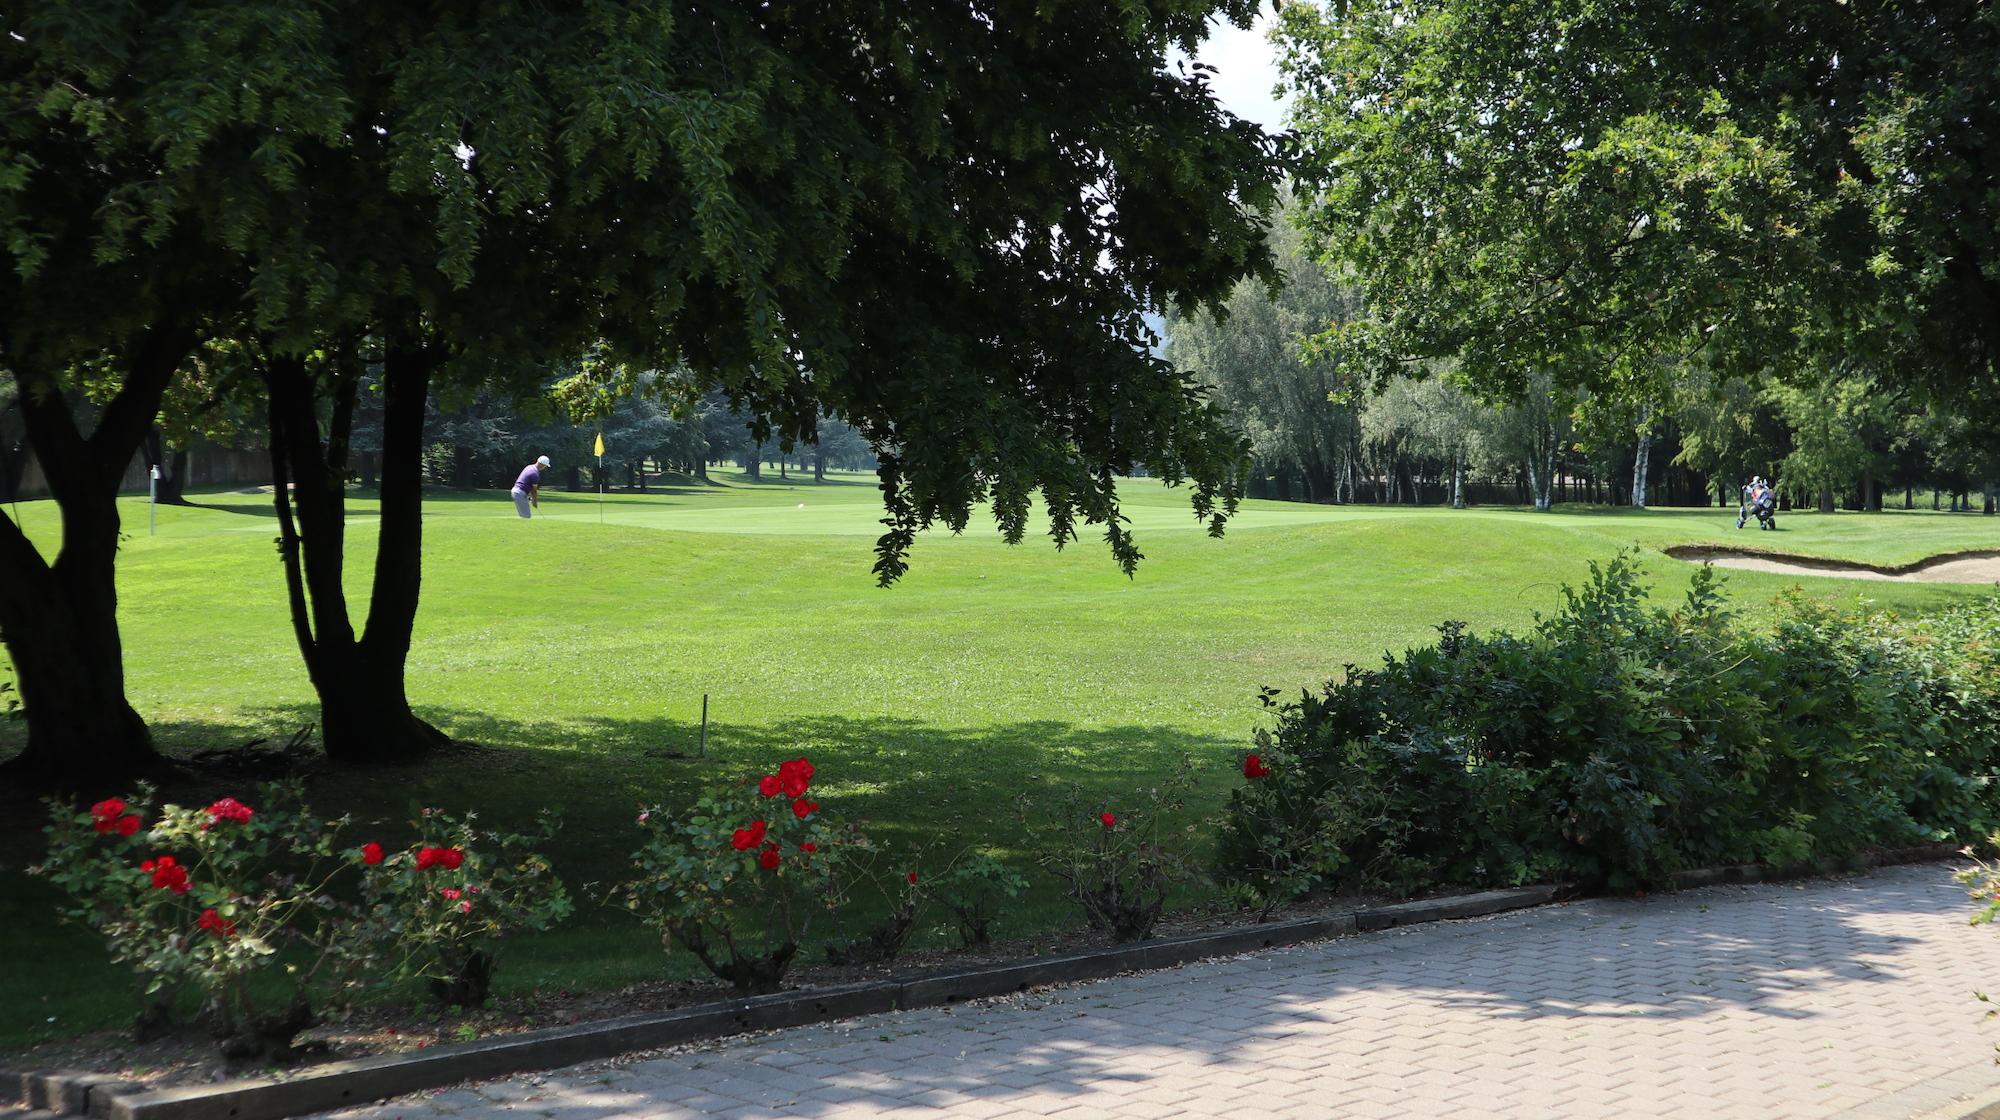 franciacorta-golf-club-italy4golf-IMG_1688-1